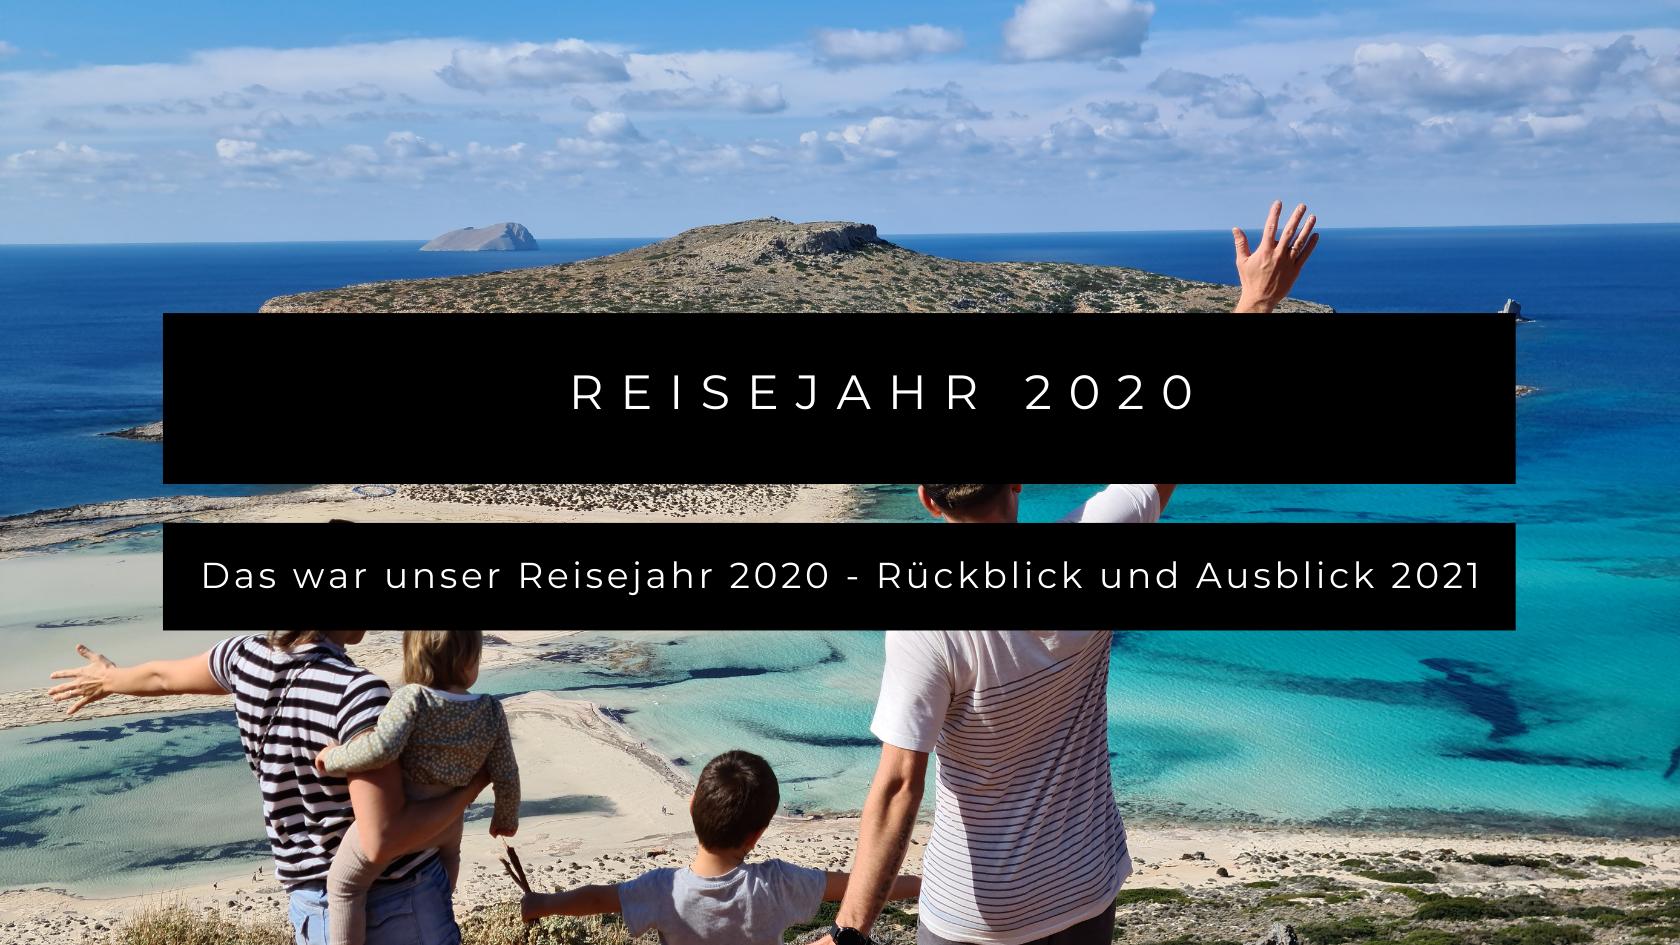 Unser Reisejahr 2020 - Reiseplanung und Veränderungen 2021